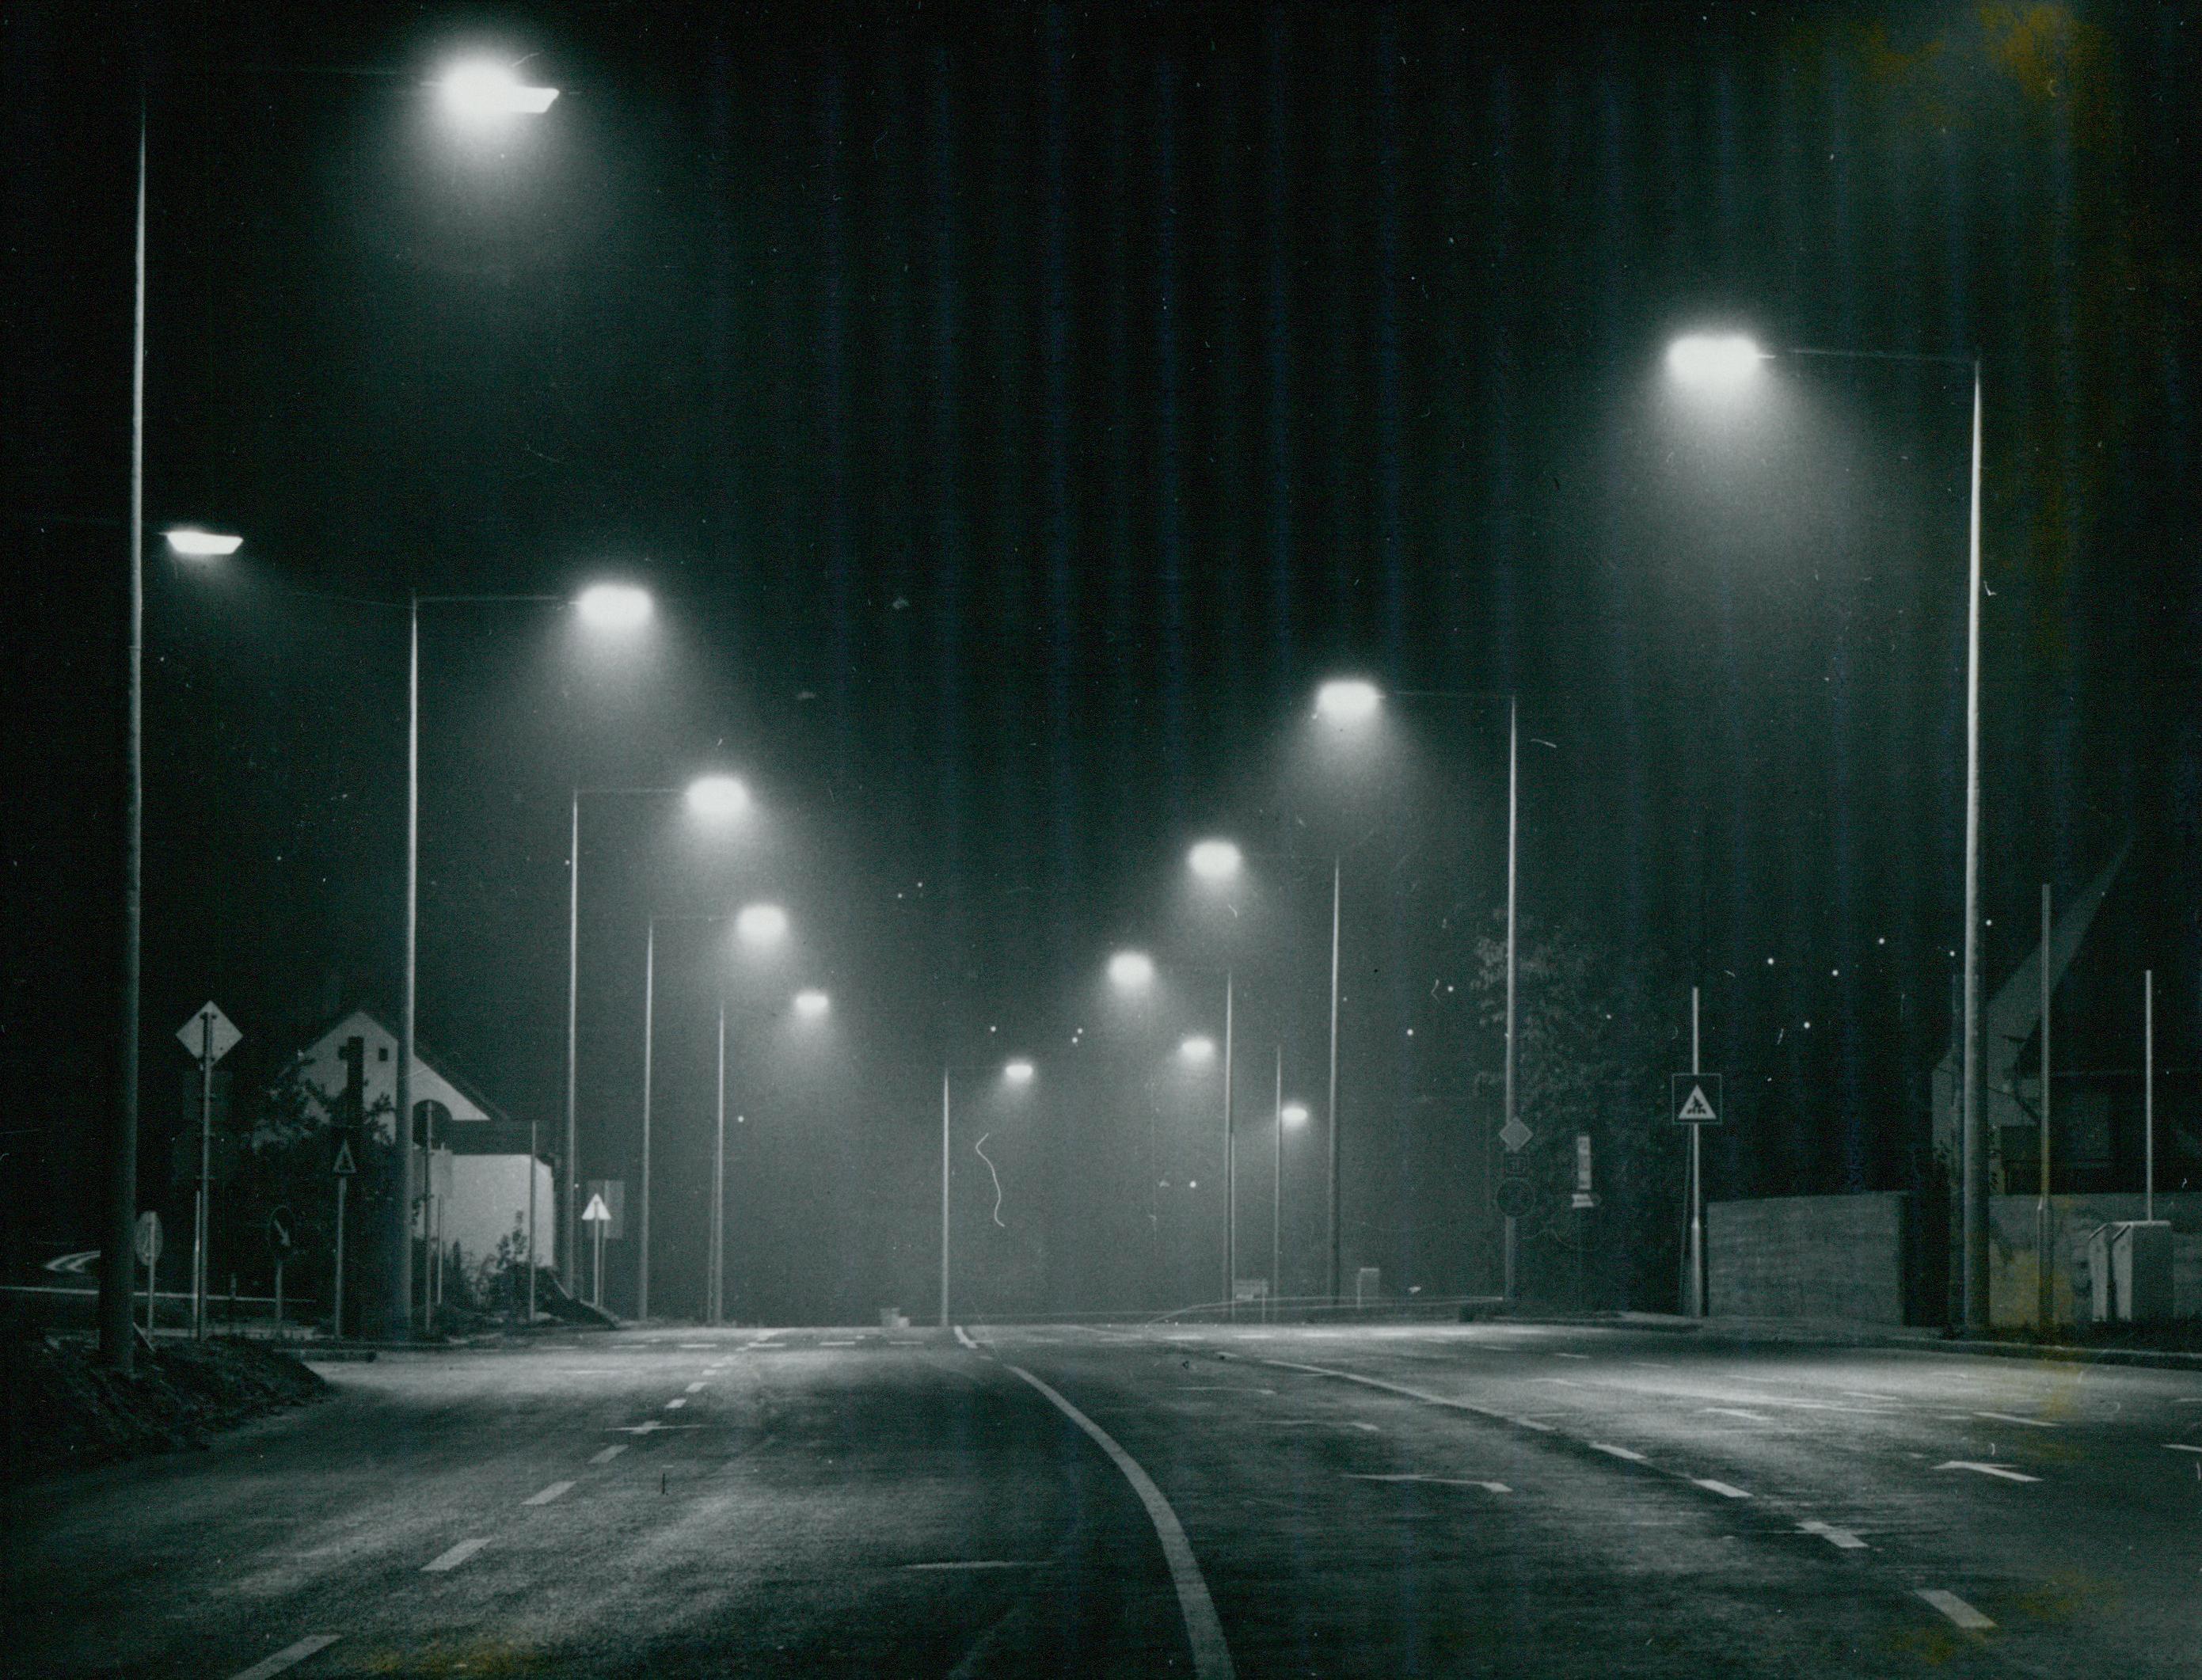 A szentendrei 11-es főút világítása éjjel